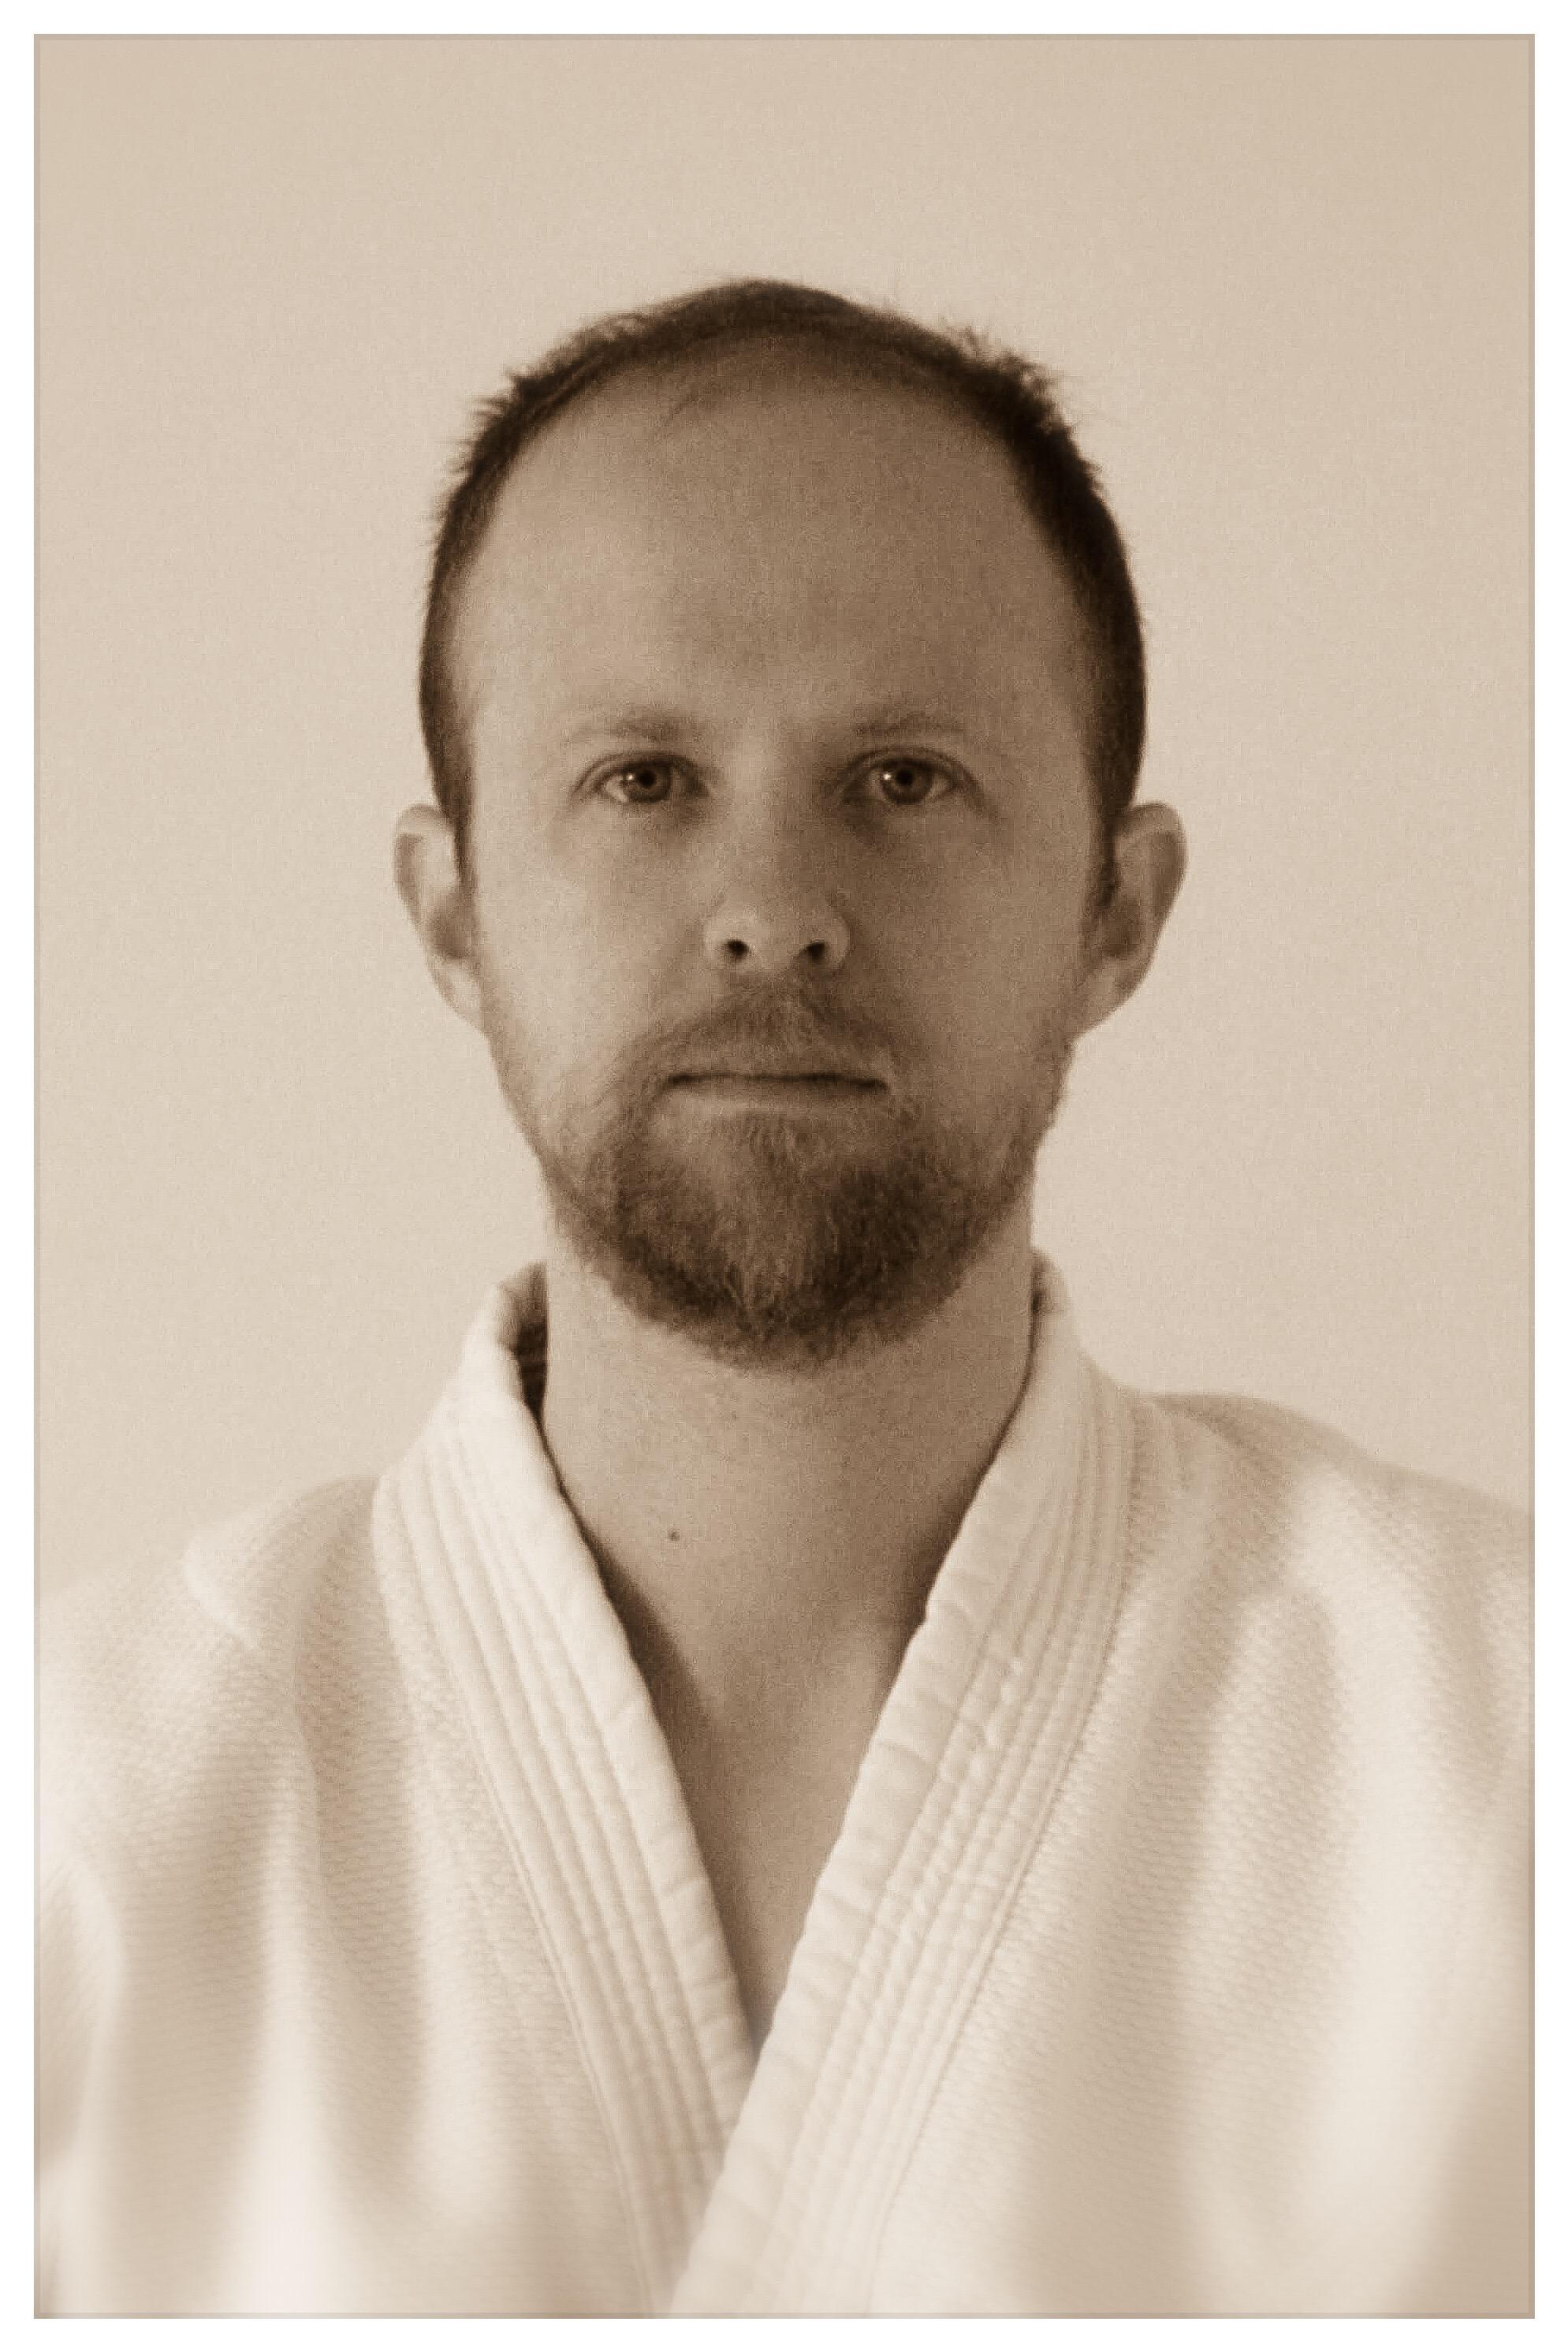 Alaric Everett Sensei   1st Dan, Qualified Teacher  Exeter/Isshinkan